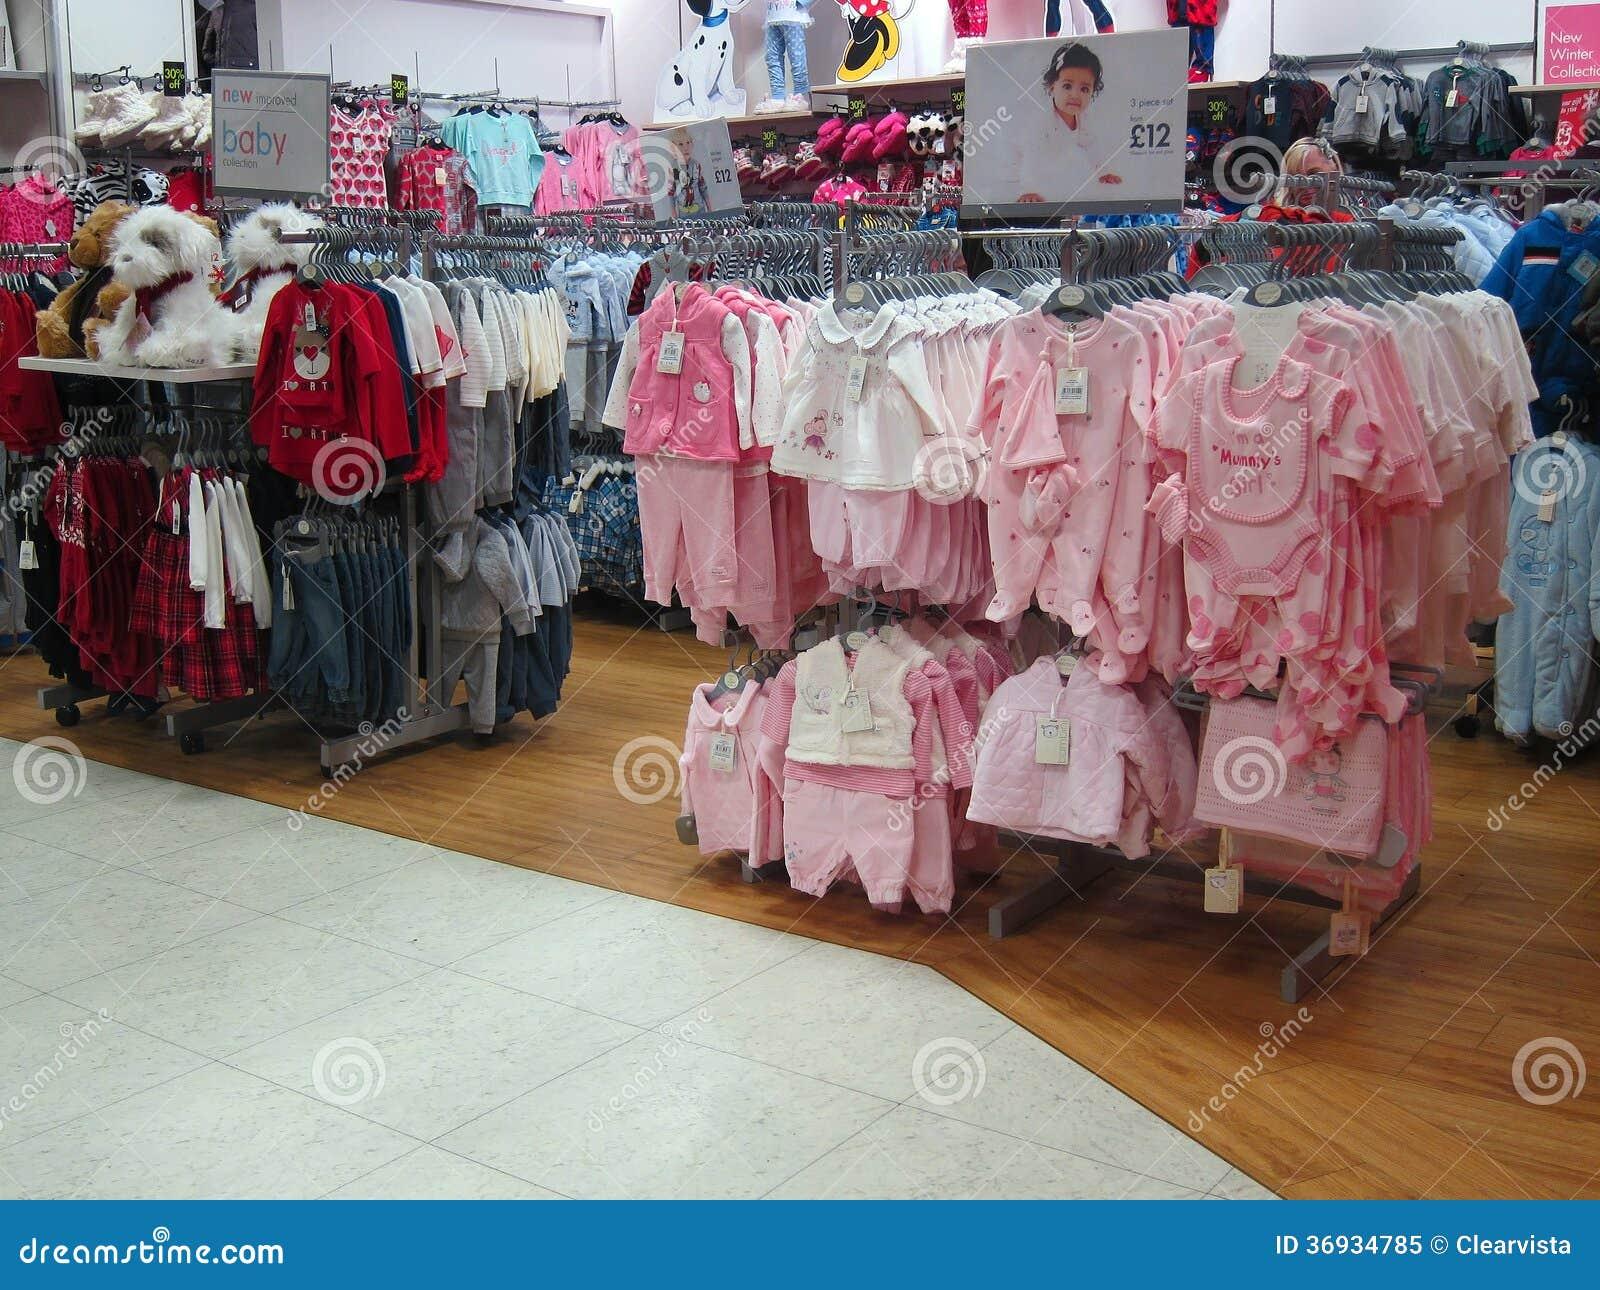 e203c8f98 Ropa Del Bebé Para La Venta En Una Tienda. Imagen editorial - Imagen ...